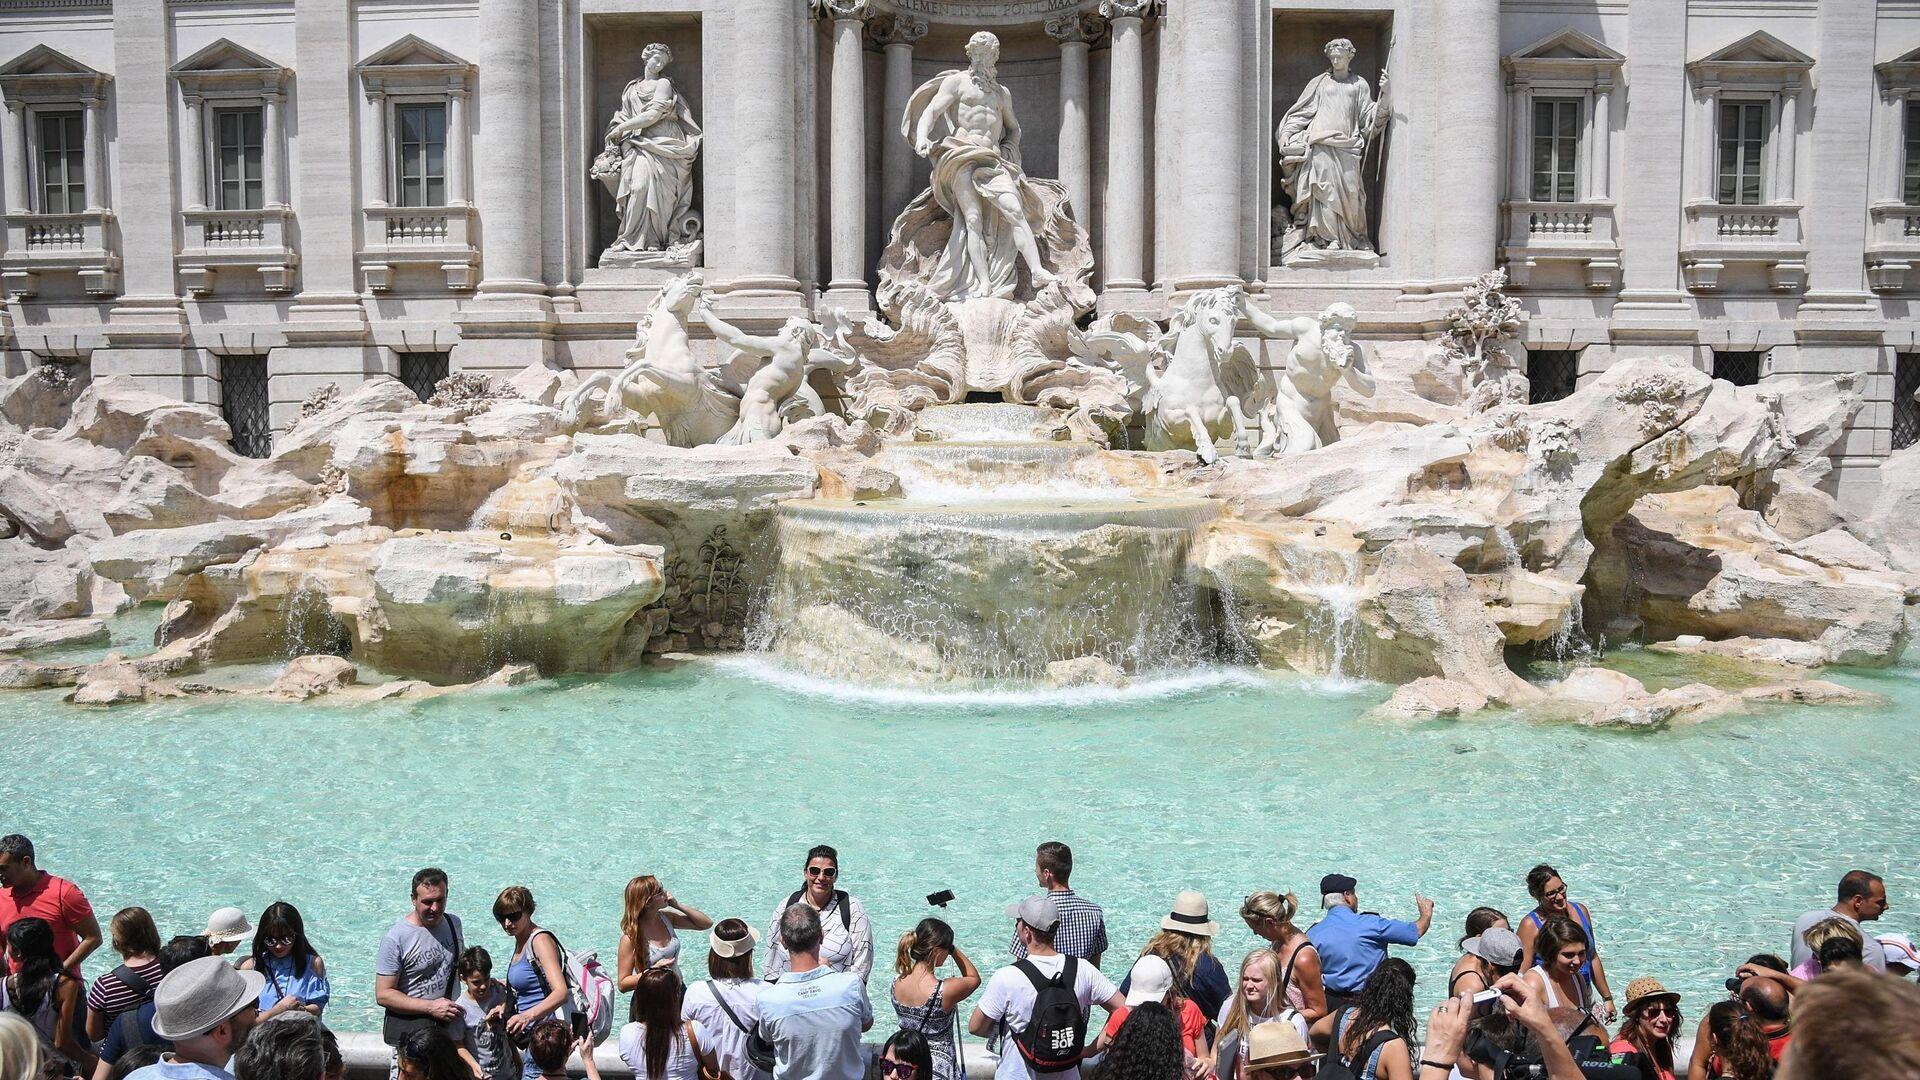 Turisti alla fontana di Trevi - Sputnik Italia, 1920, 16.08.2021